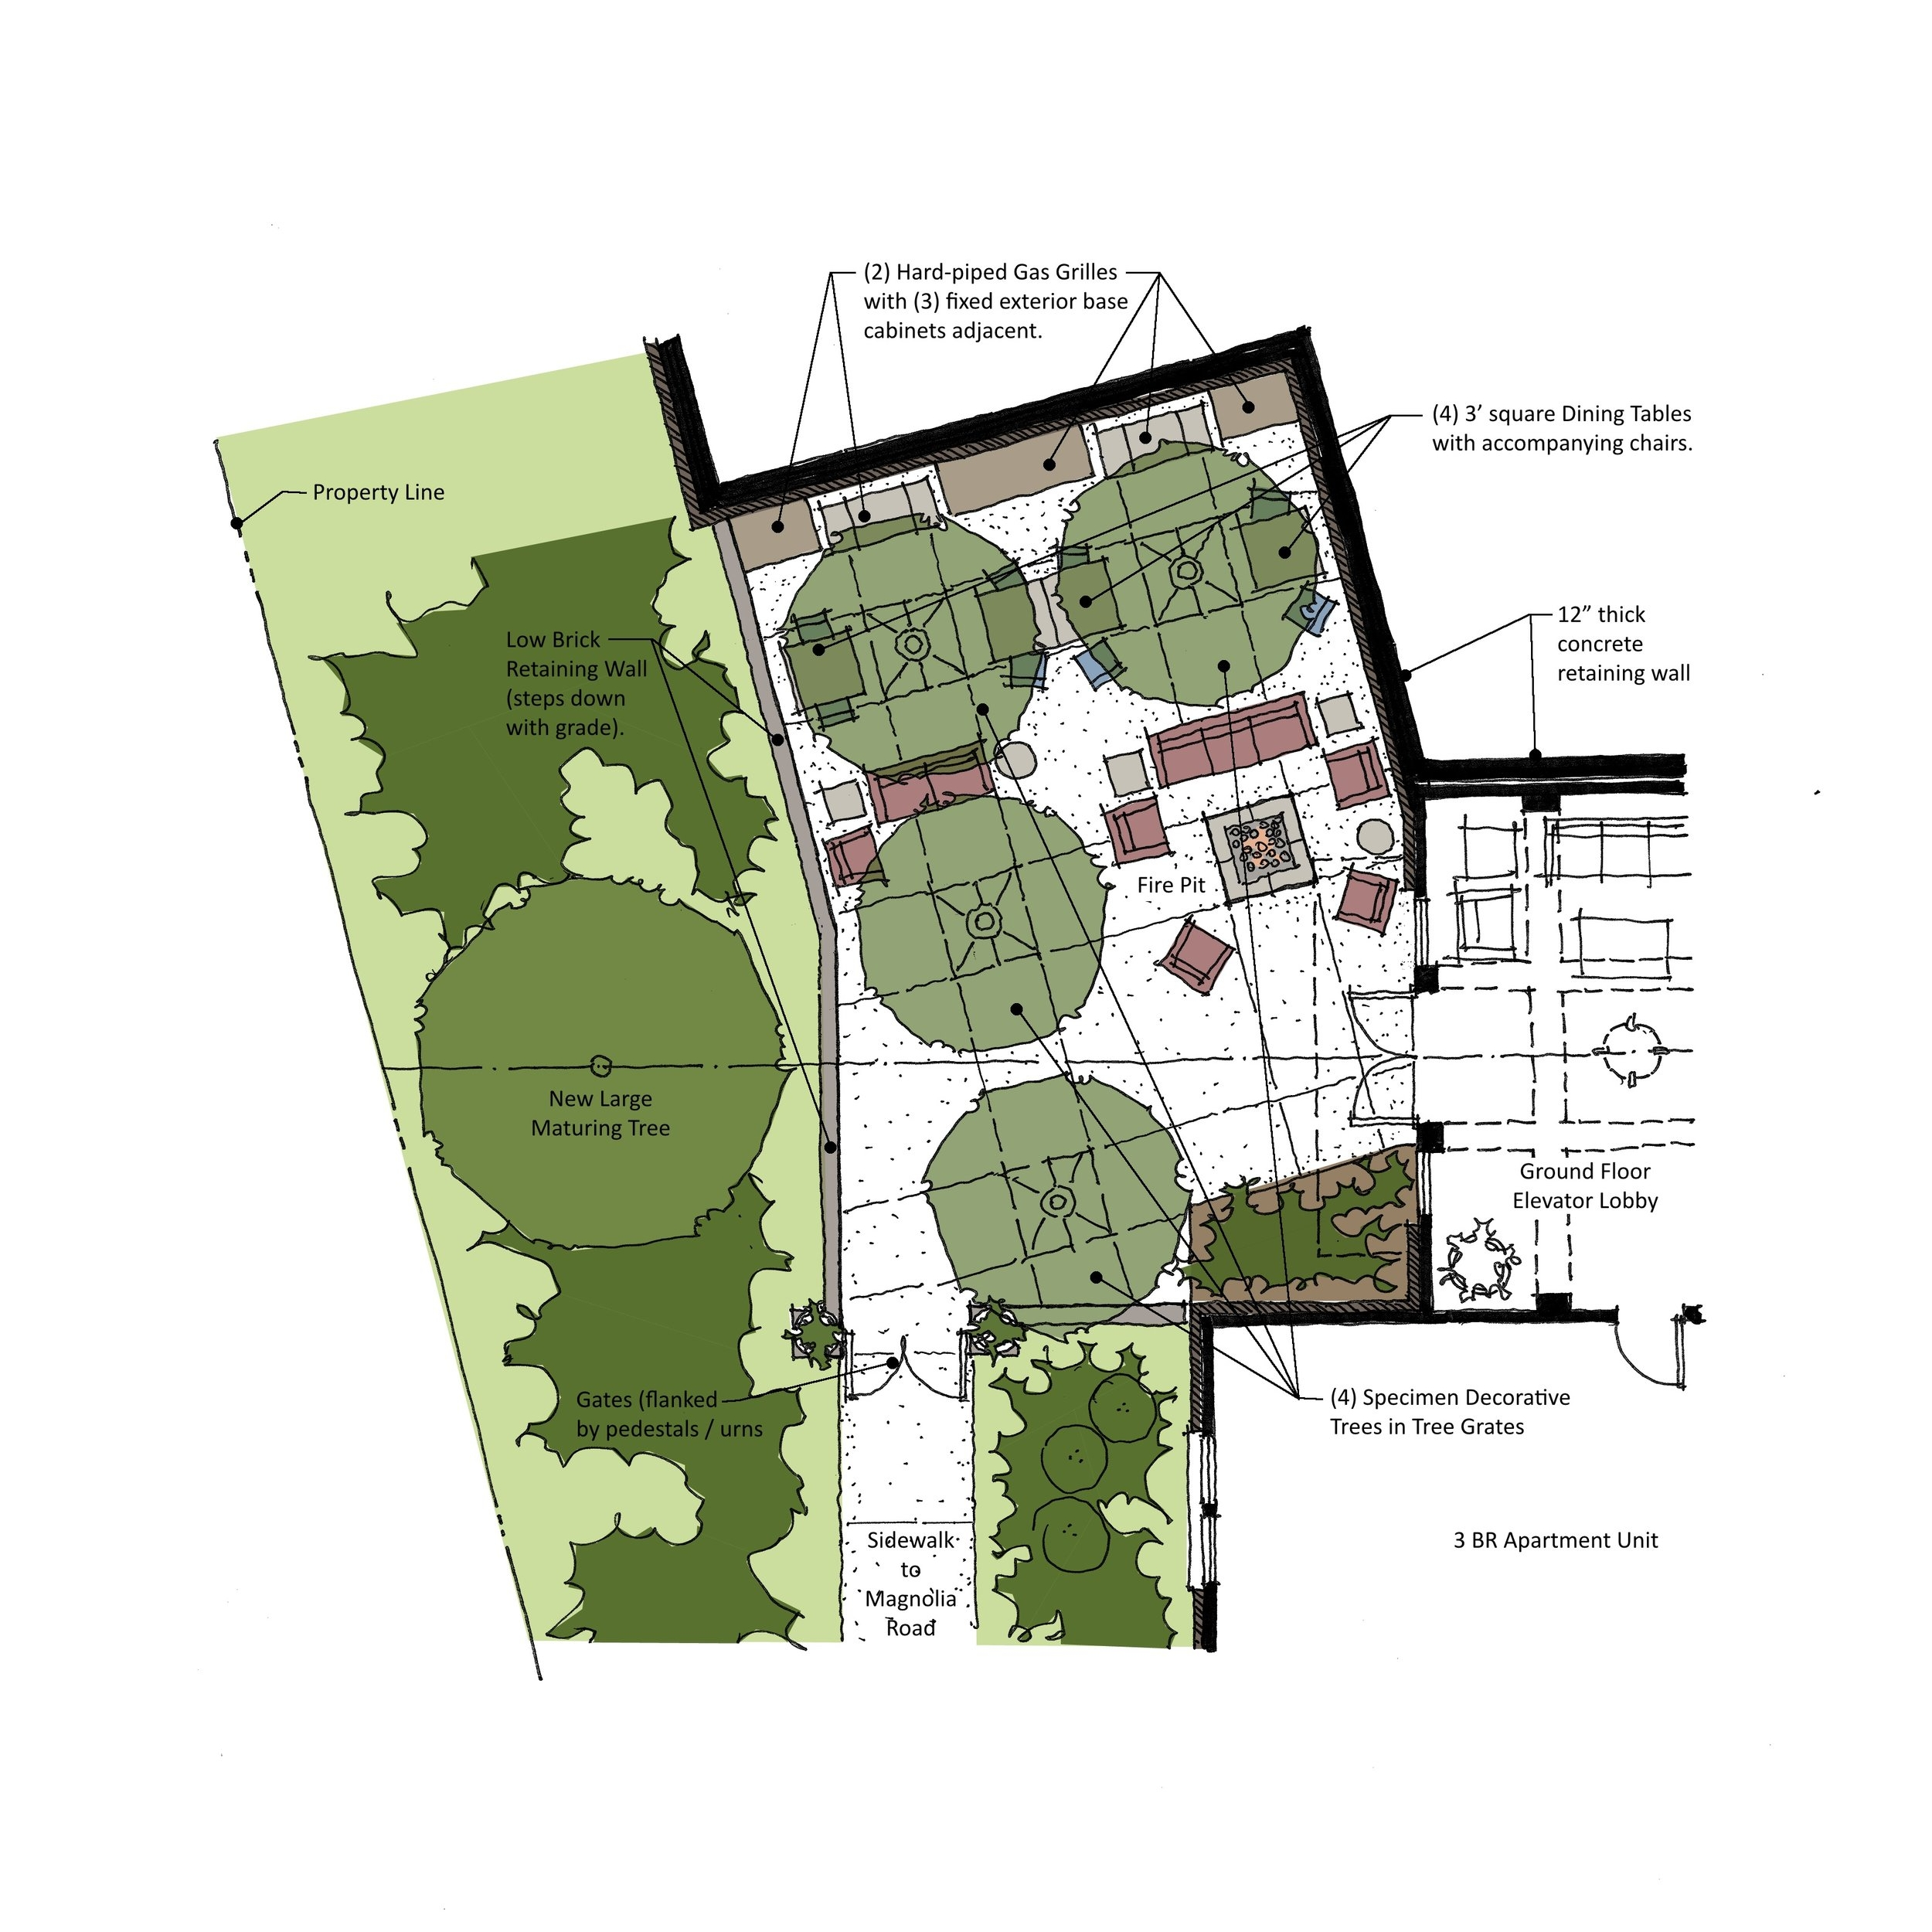 151019 Pinehurst - Ground Floor Plan @ Common Exterior Terrace.jpg